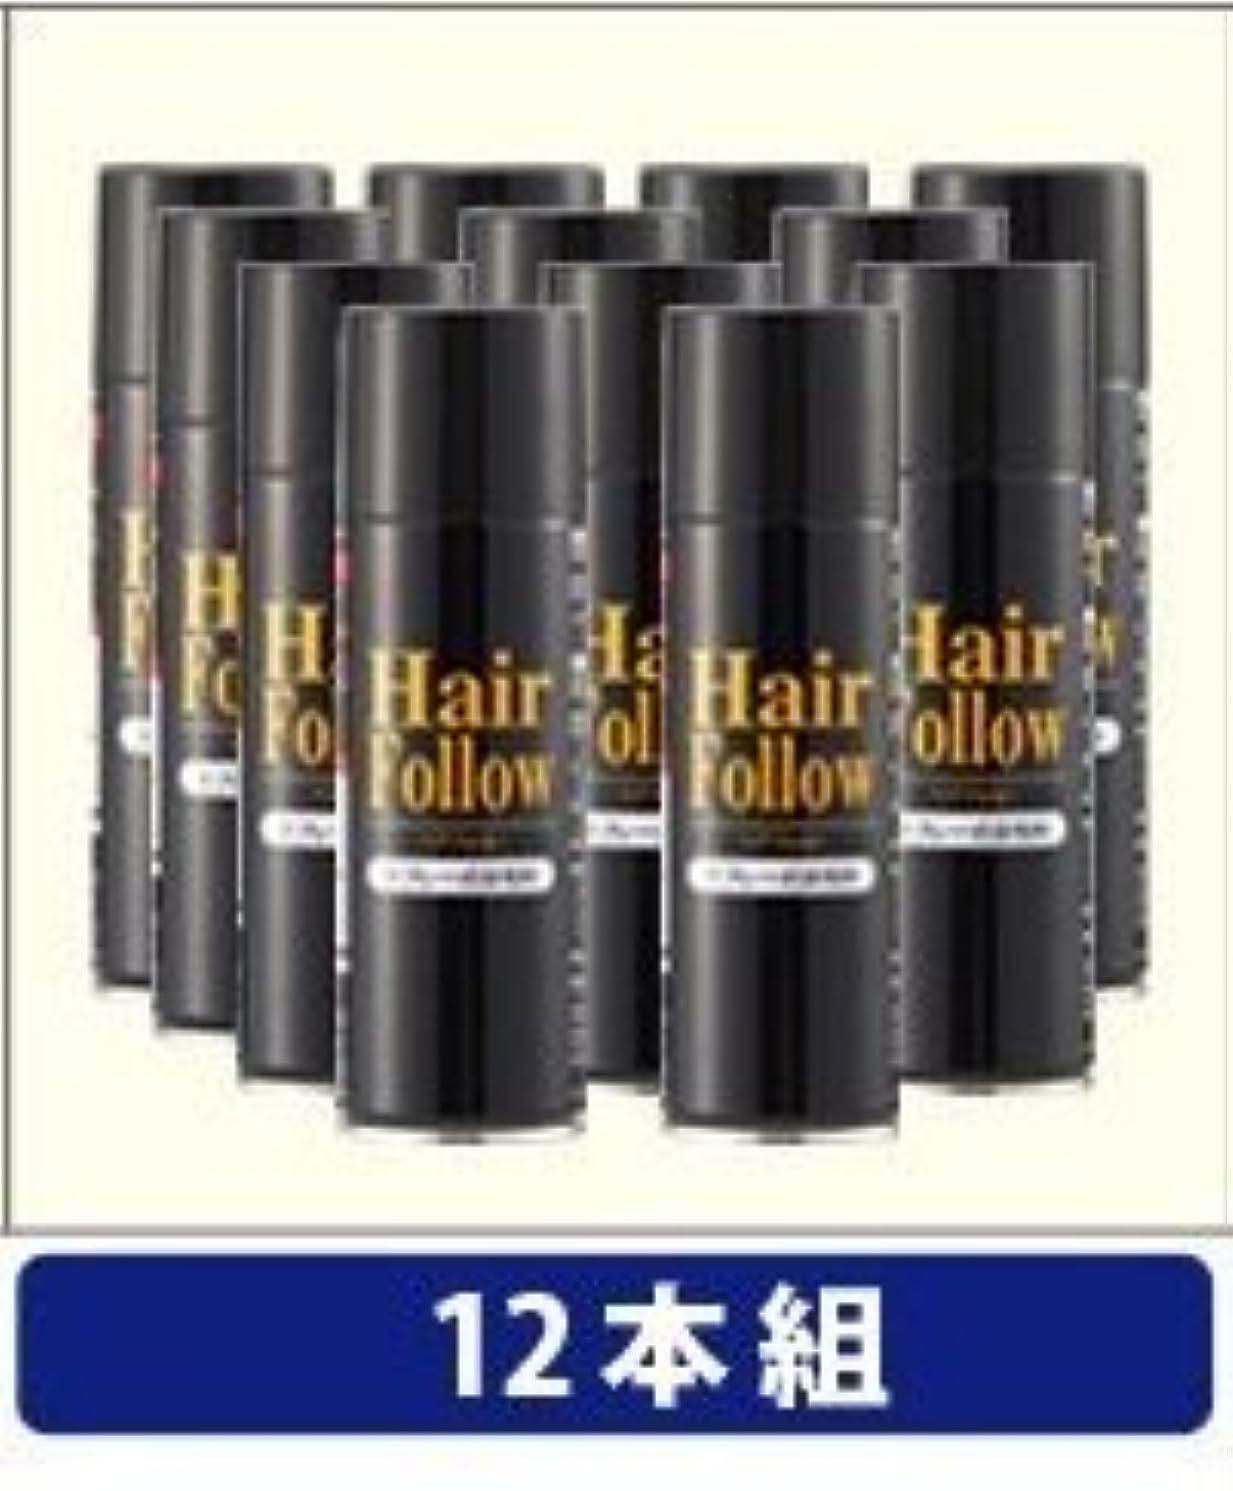 バブルレール味NEW ヘアフォロー スプレー ブラック スプレー式染毛料 自然に薄毛をボリュームアップ!薄毛隠し かつら (12本)